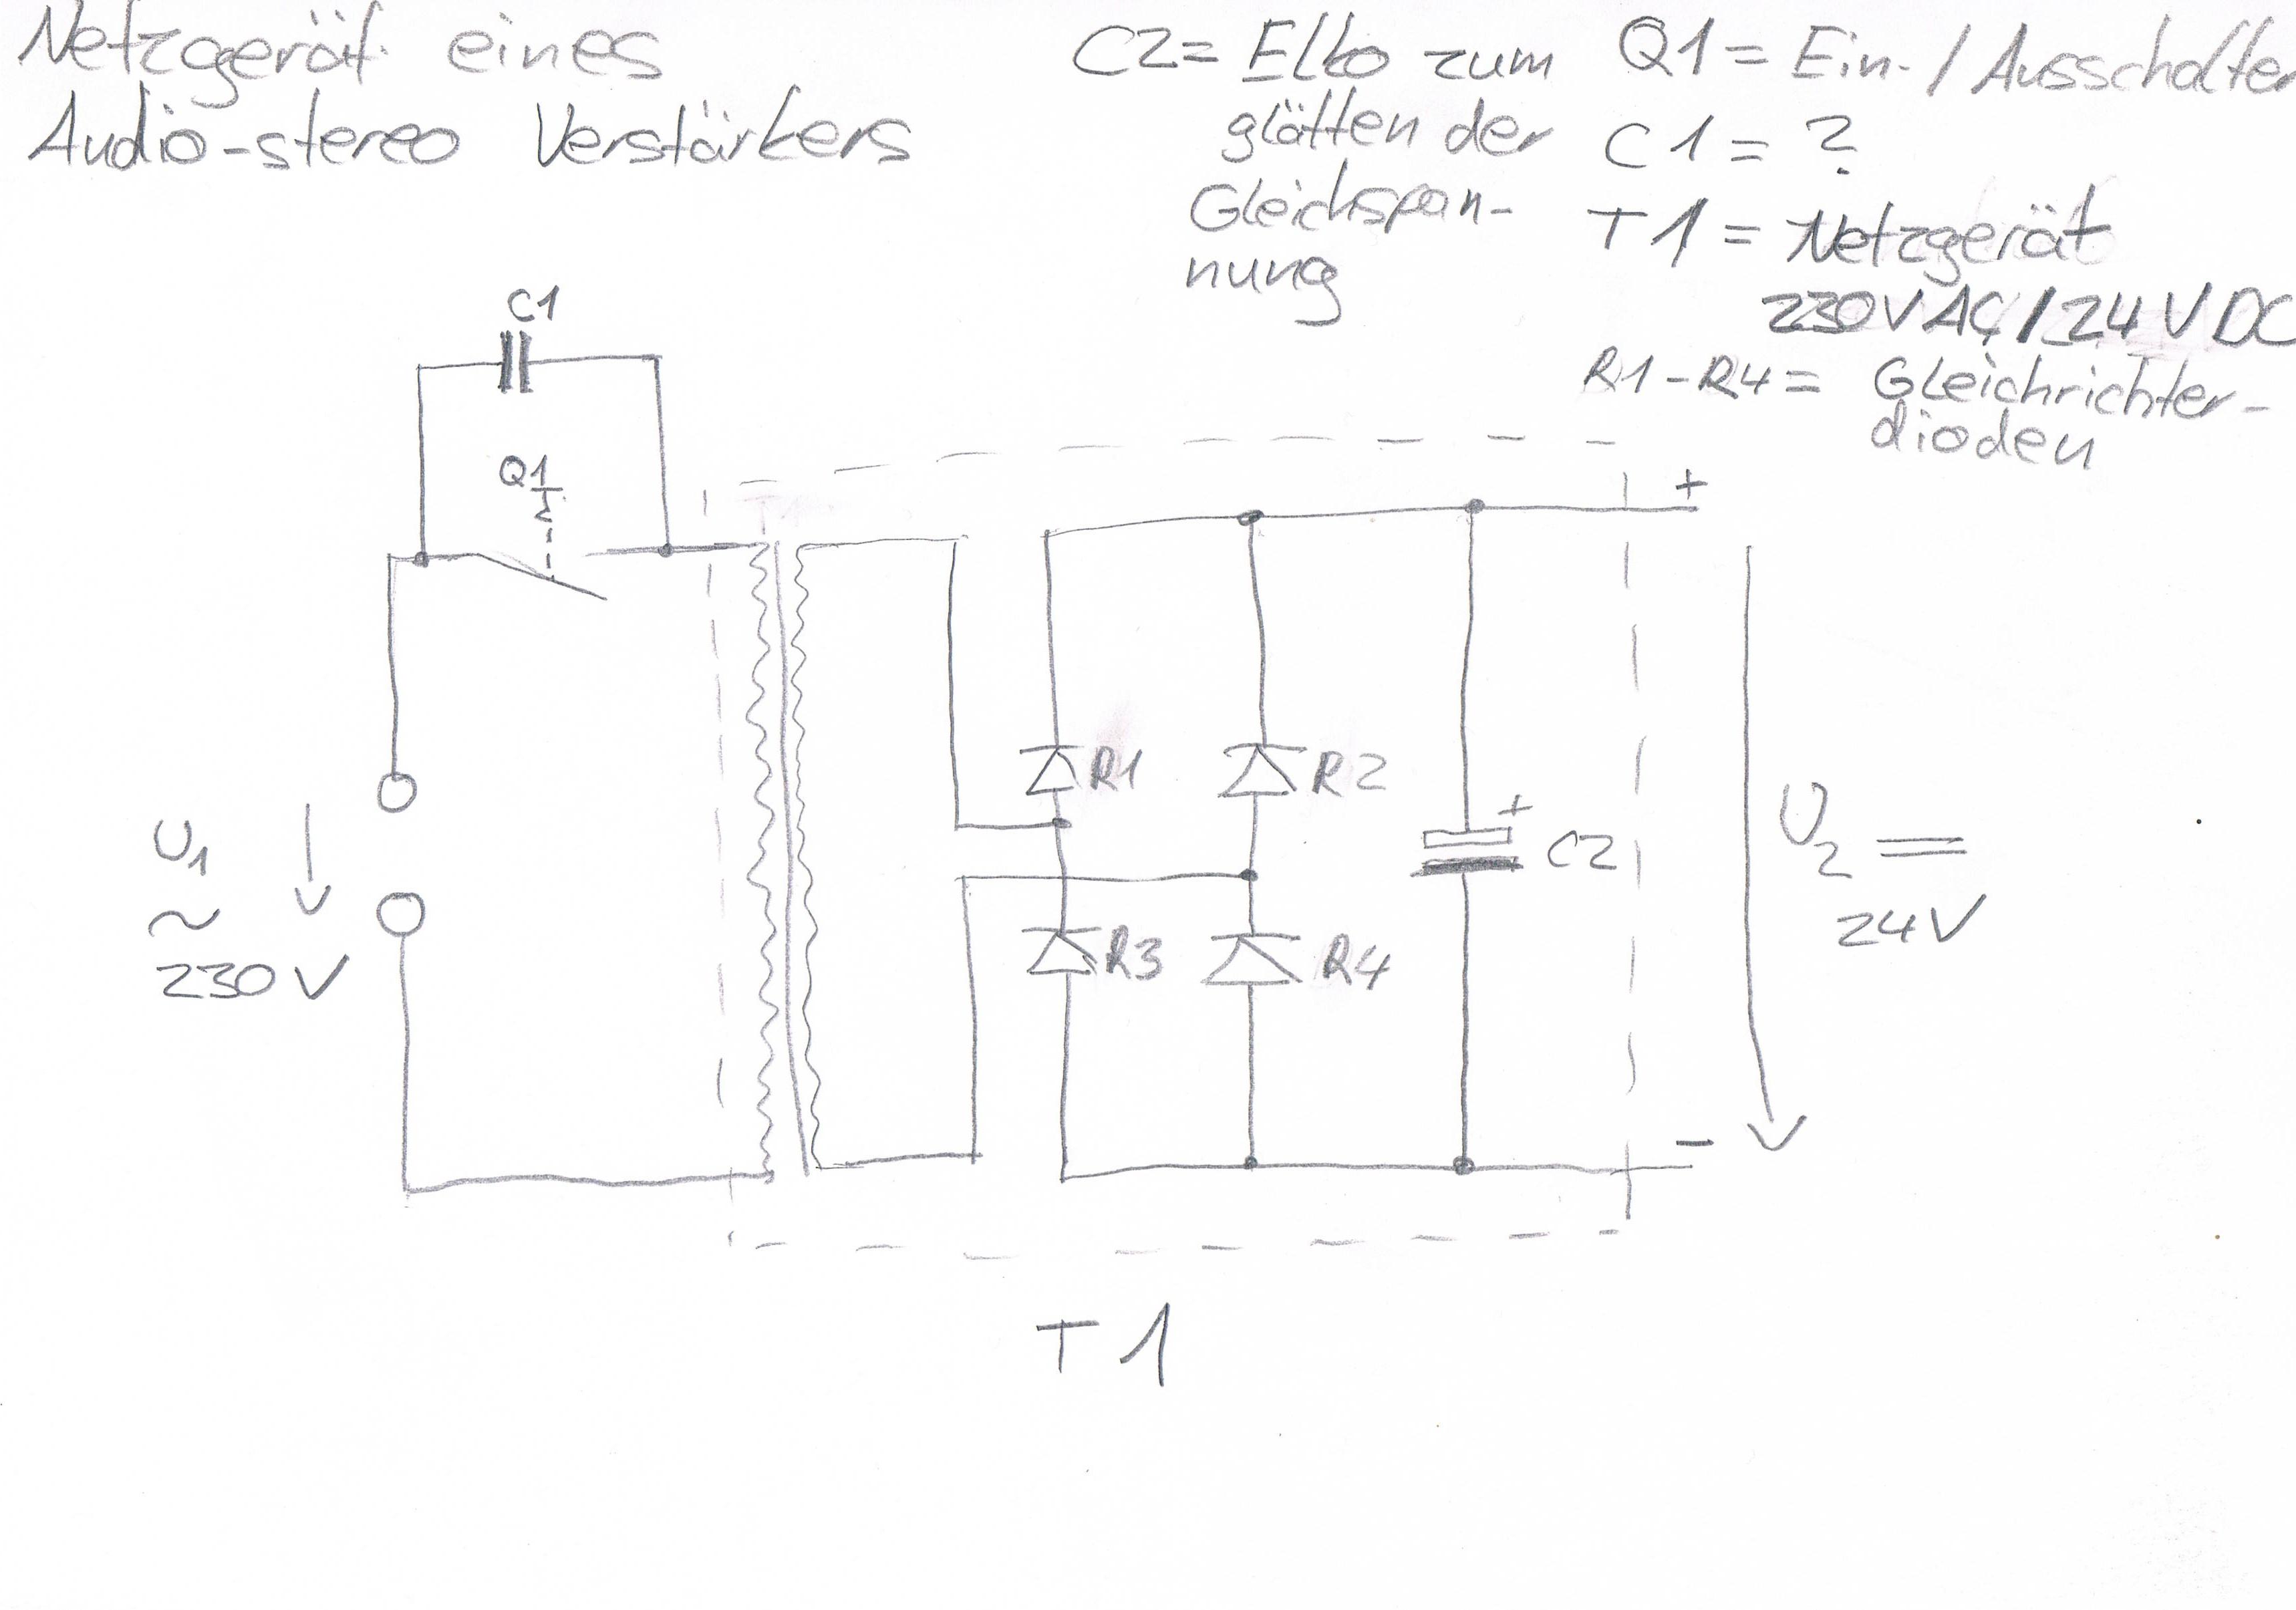 wozu dient der kondensator c1  schaltbild   netzteil  trafo